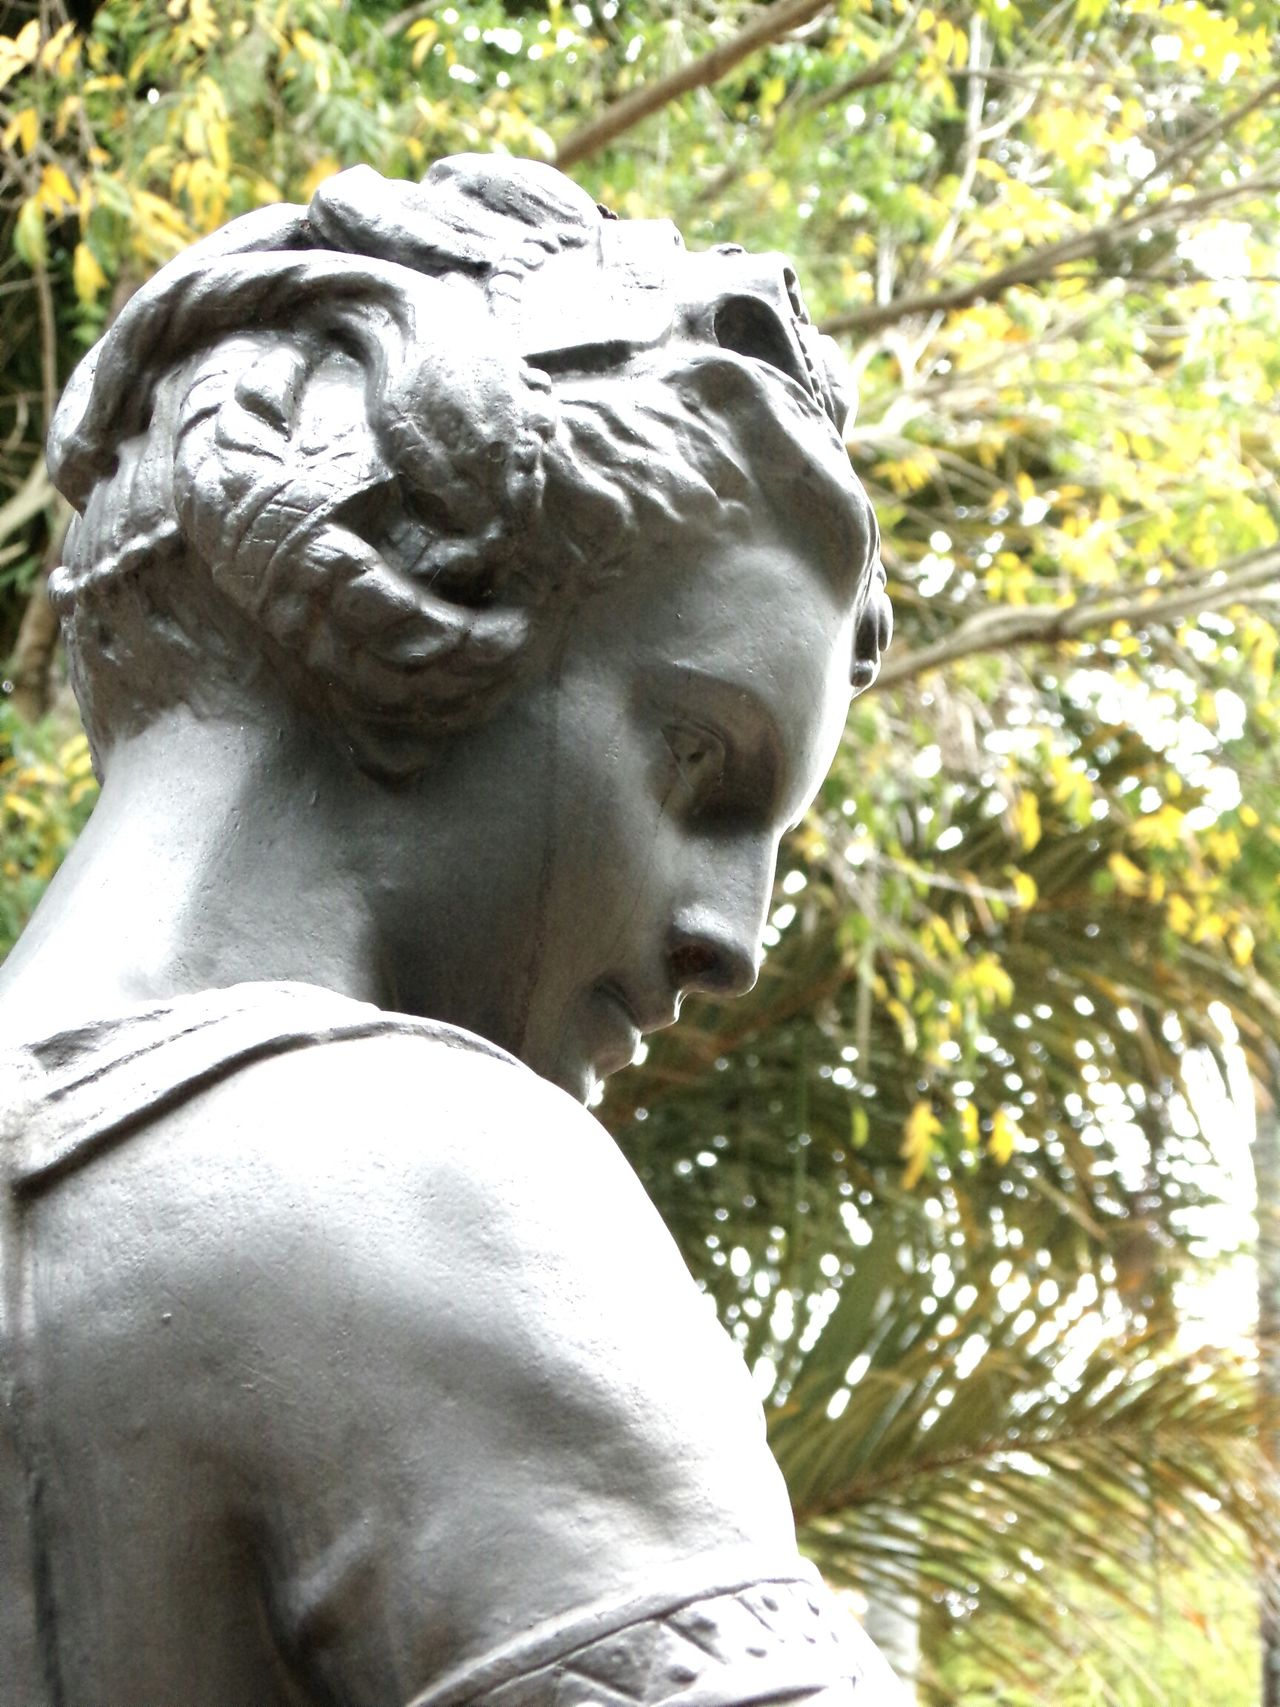 Urban Garden Statue Manvsnature  Urban Context